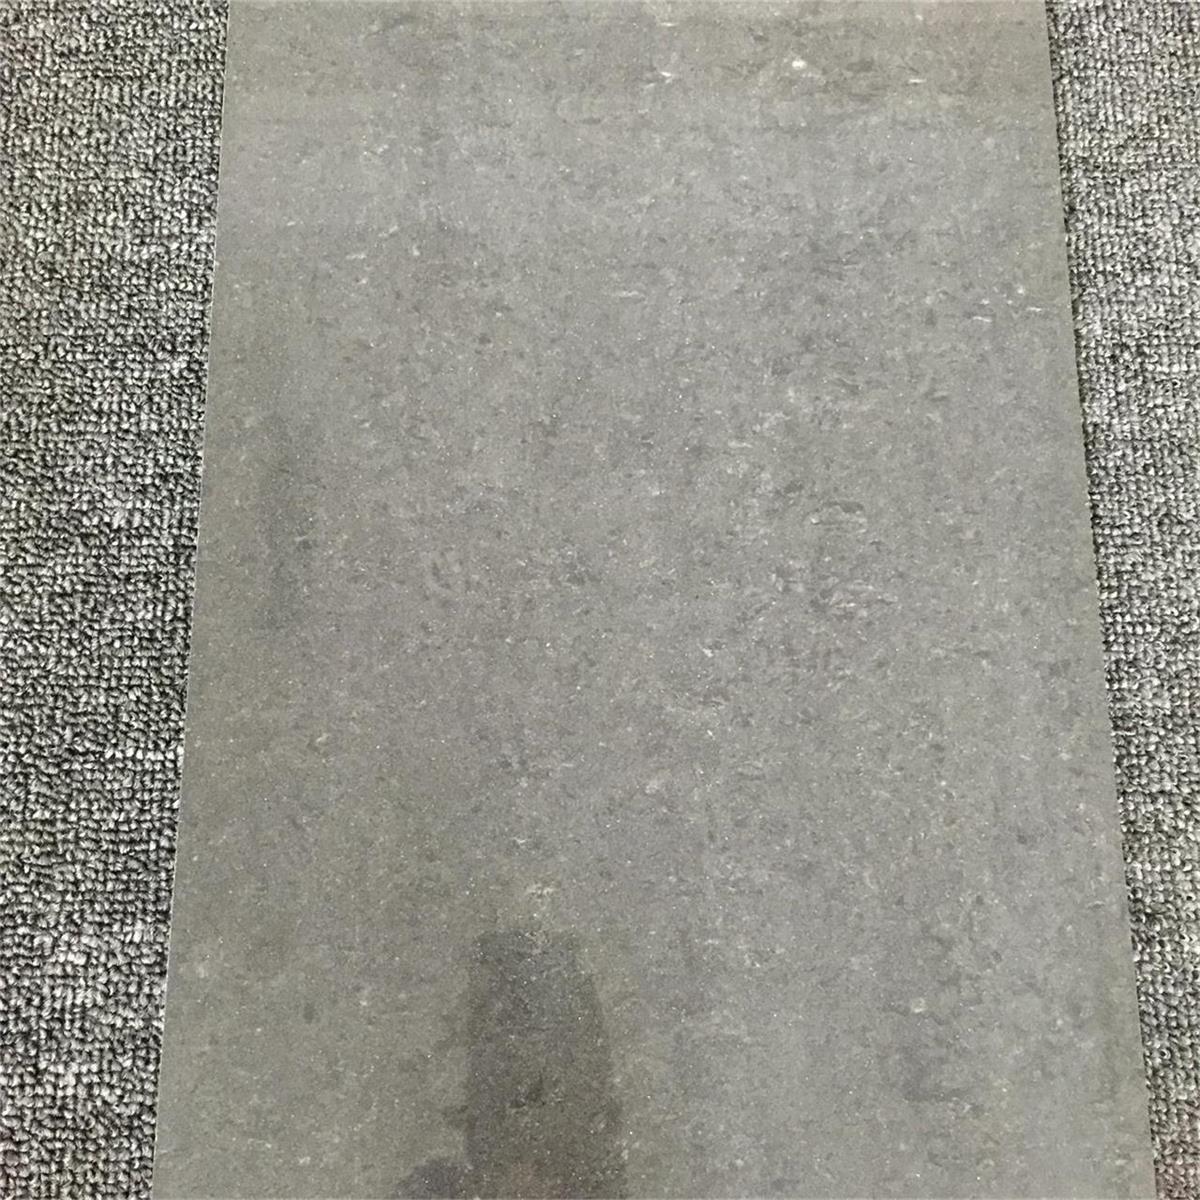 Matt Surface Rough Tile Porcelain Tile